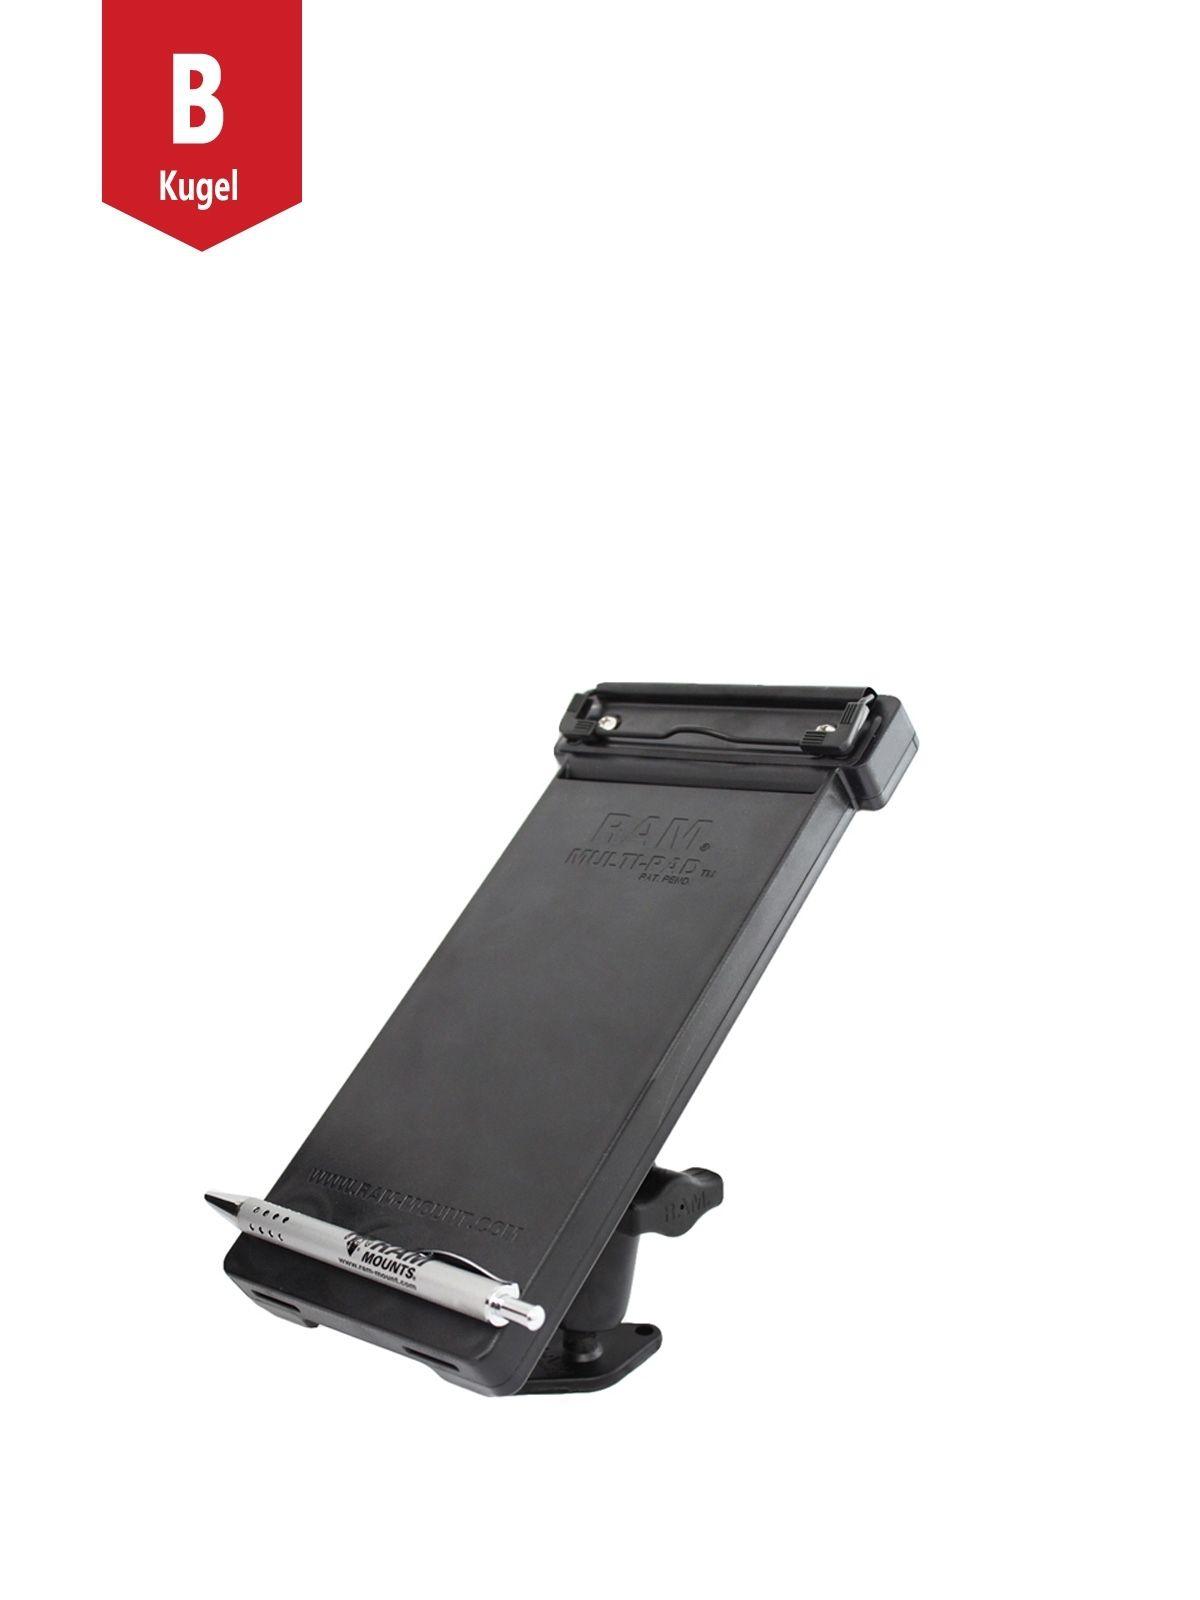 RAM Mounts Aufbau-Halterung mit Notizblock-Tray - B-Kugel (1 Zoll), mit Diamond-Basisplatte (Trapez)